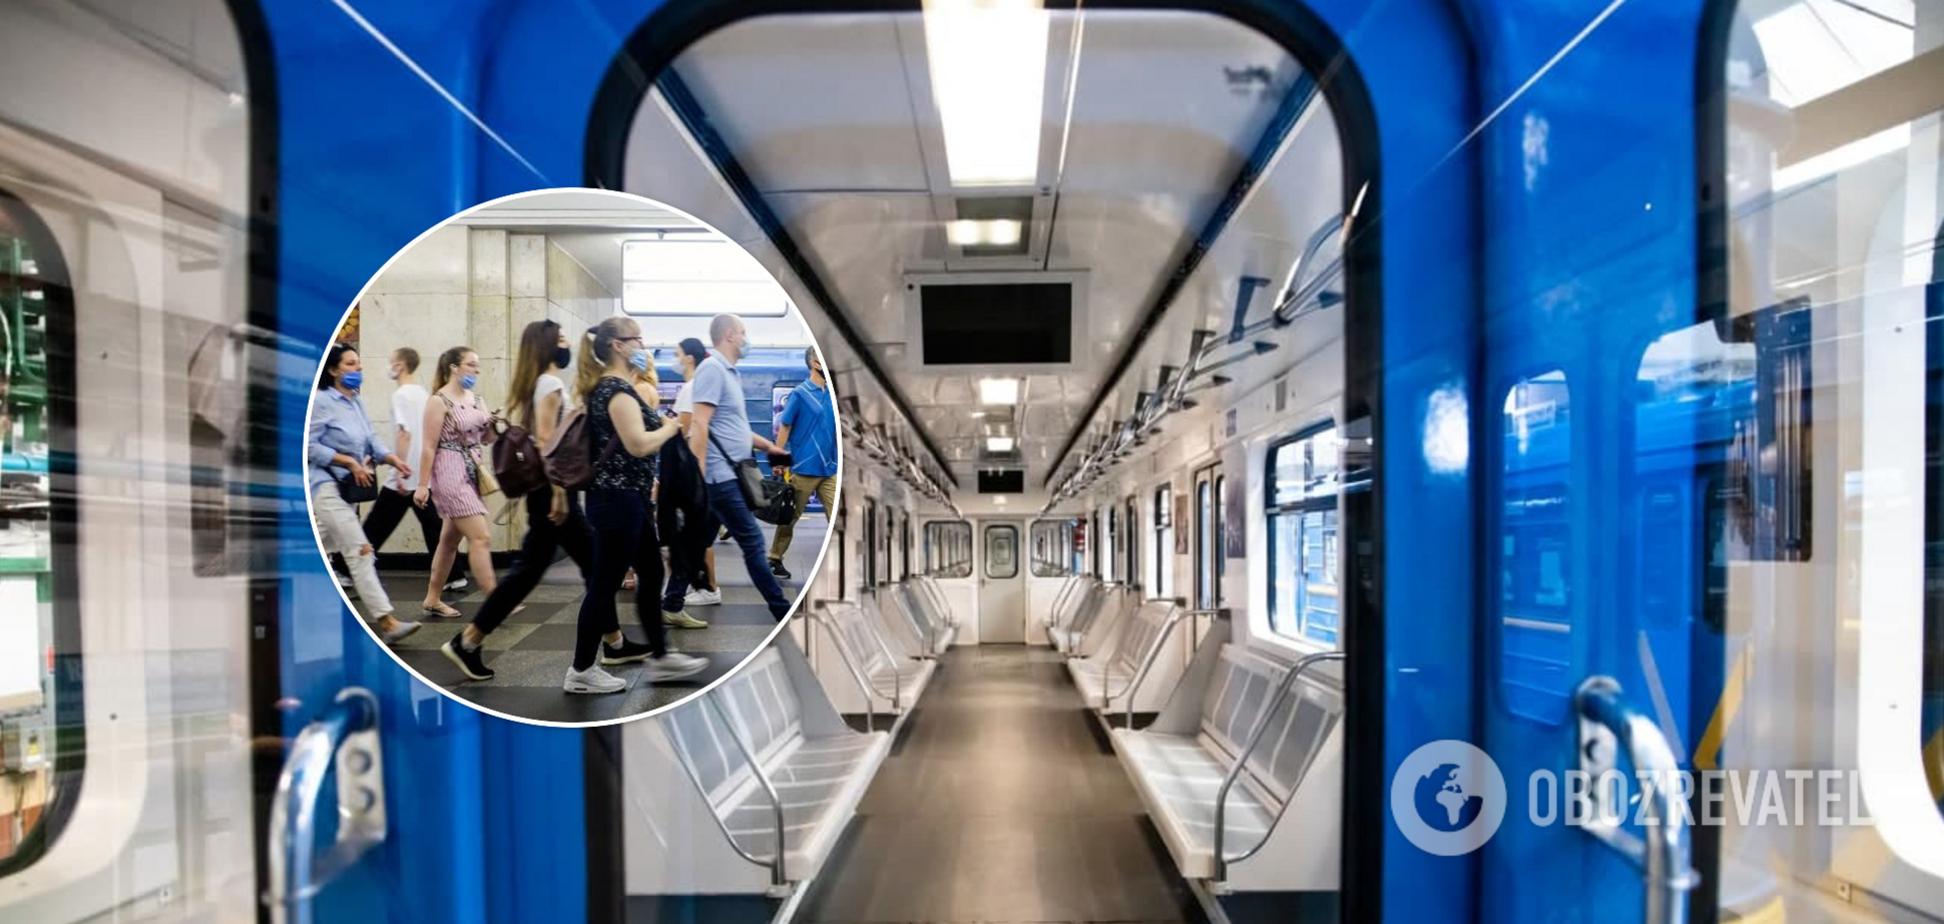 У київському метро пасажири влаштували бійку через маску. Відео 18+